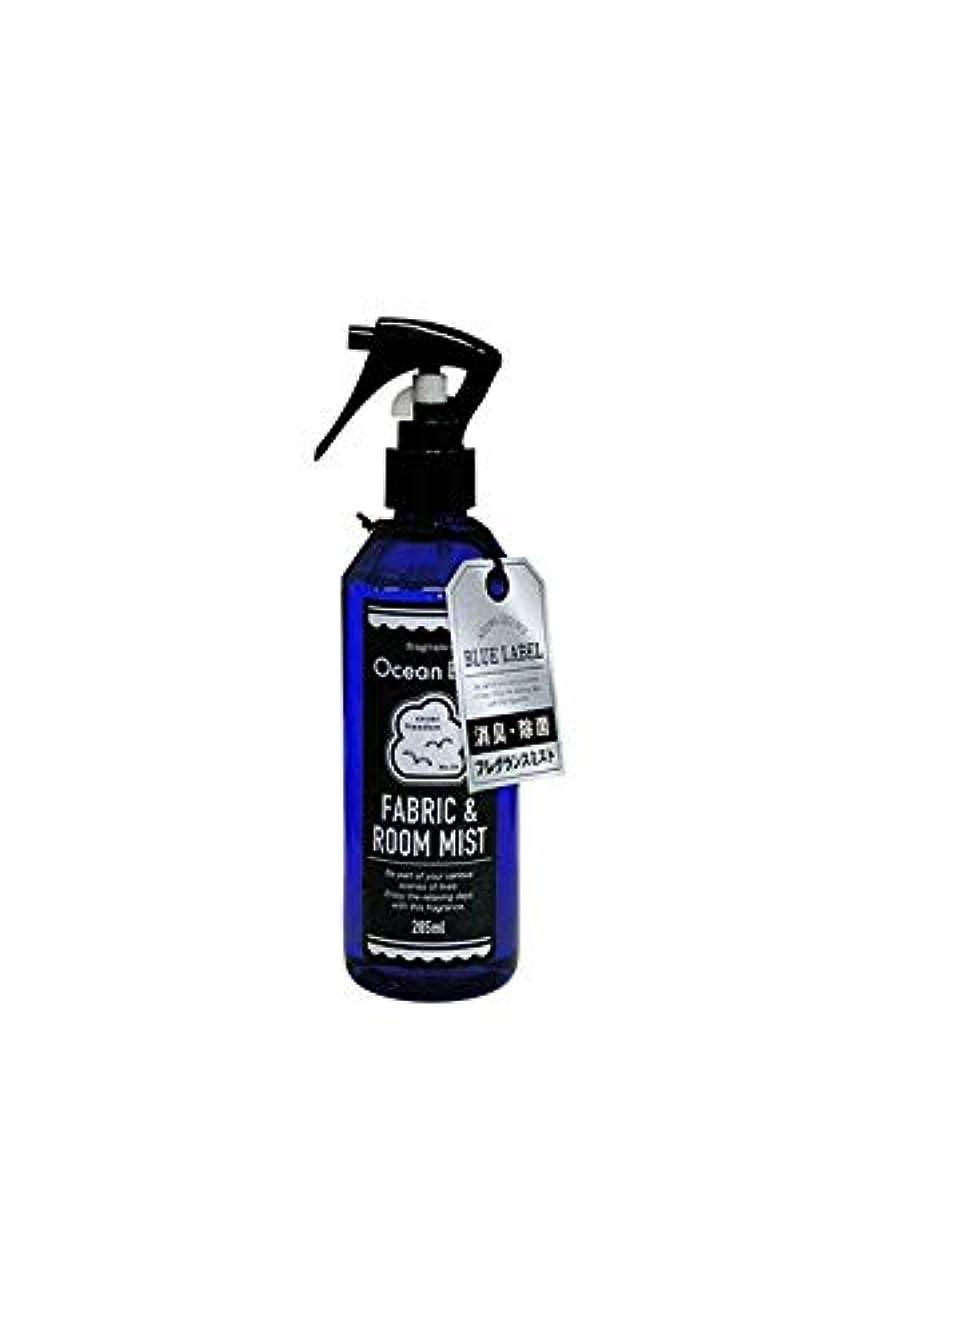 プラスチック起きるお酢アロマエッセンスブルーラベル ファブリック&ルームミスト285mL オーシャンブルー(消臭除菌 日本製 海の爽快な香り)